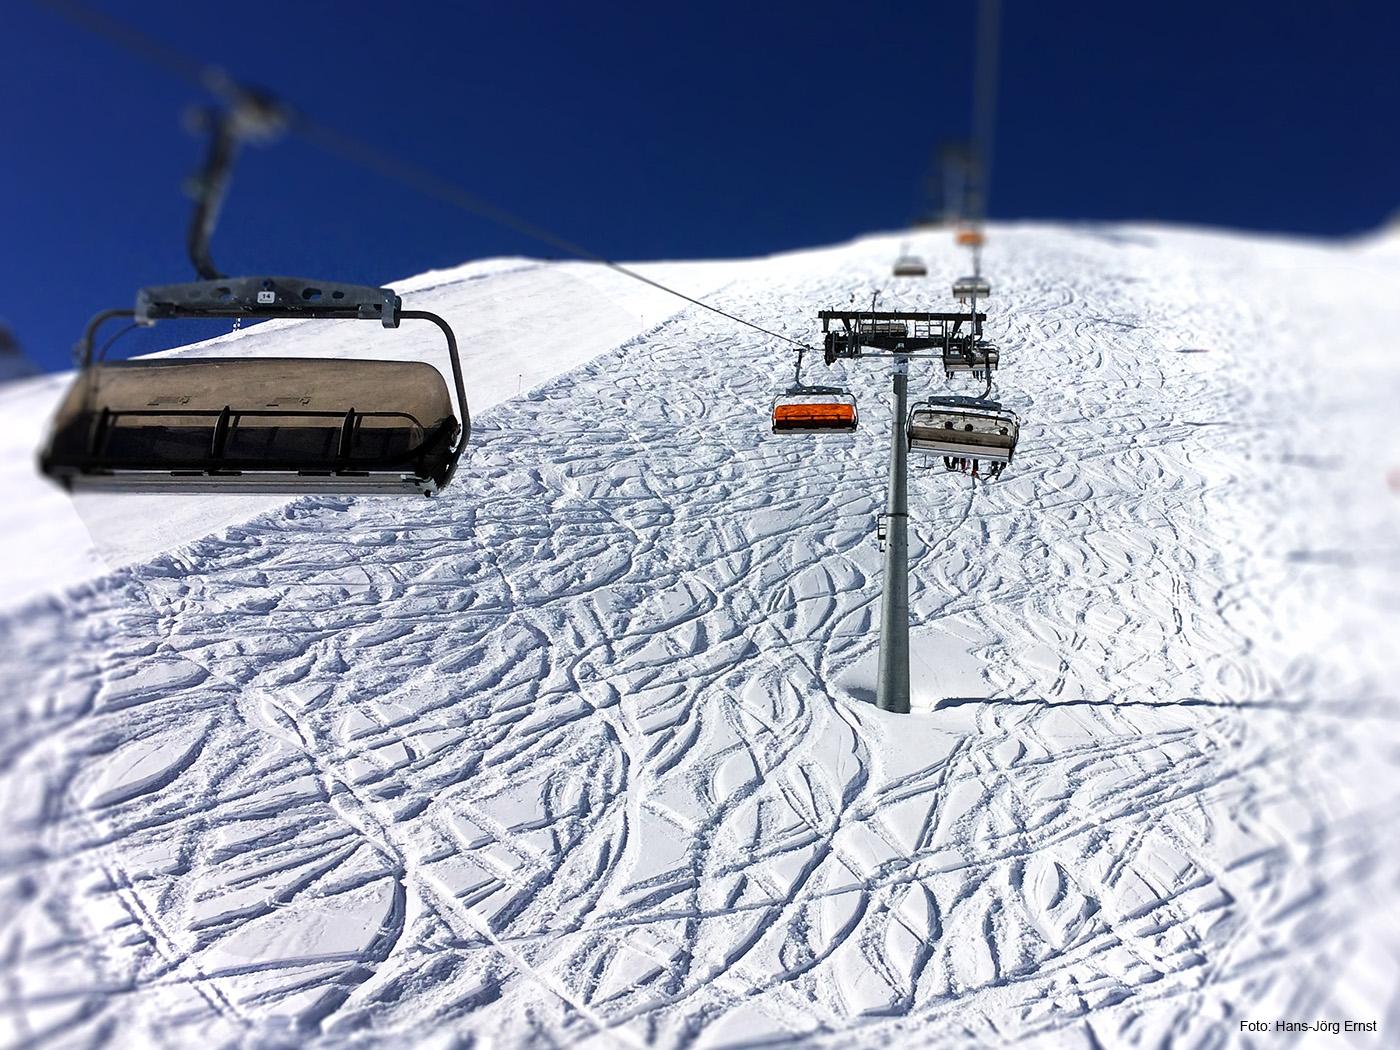 SCHLANGENLINIEN Abseits der gespurten Pisten haben Skifahrer im Tiefschnee ihre Spuren gezogen.